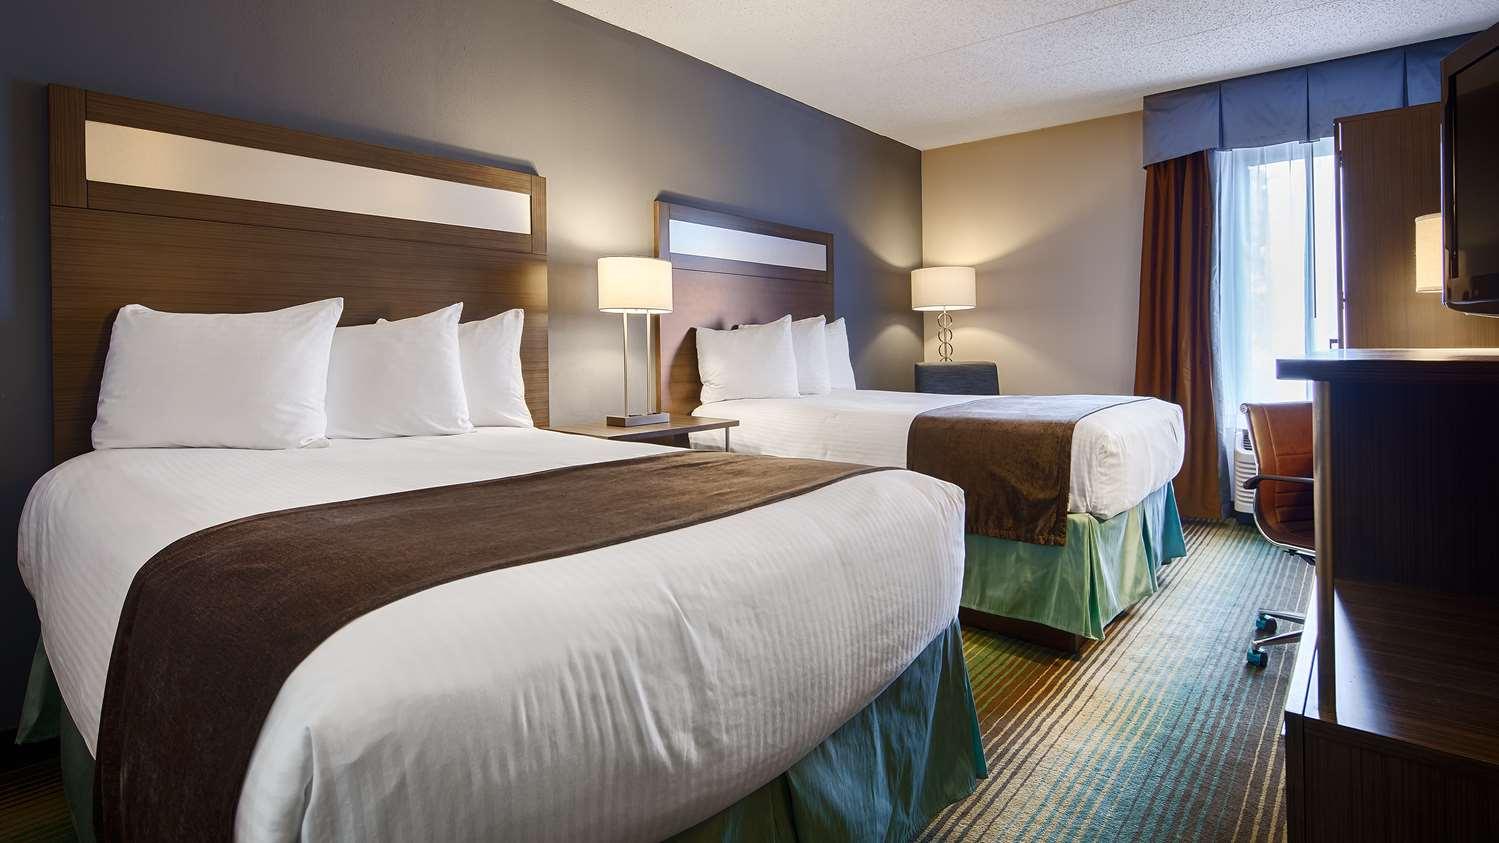 best western o 39 hare hotel elk grove village il see. Black Bedroom Furniture Sets. Home Design Ideas